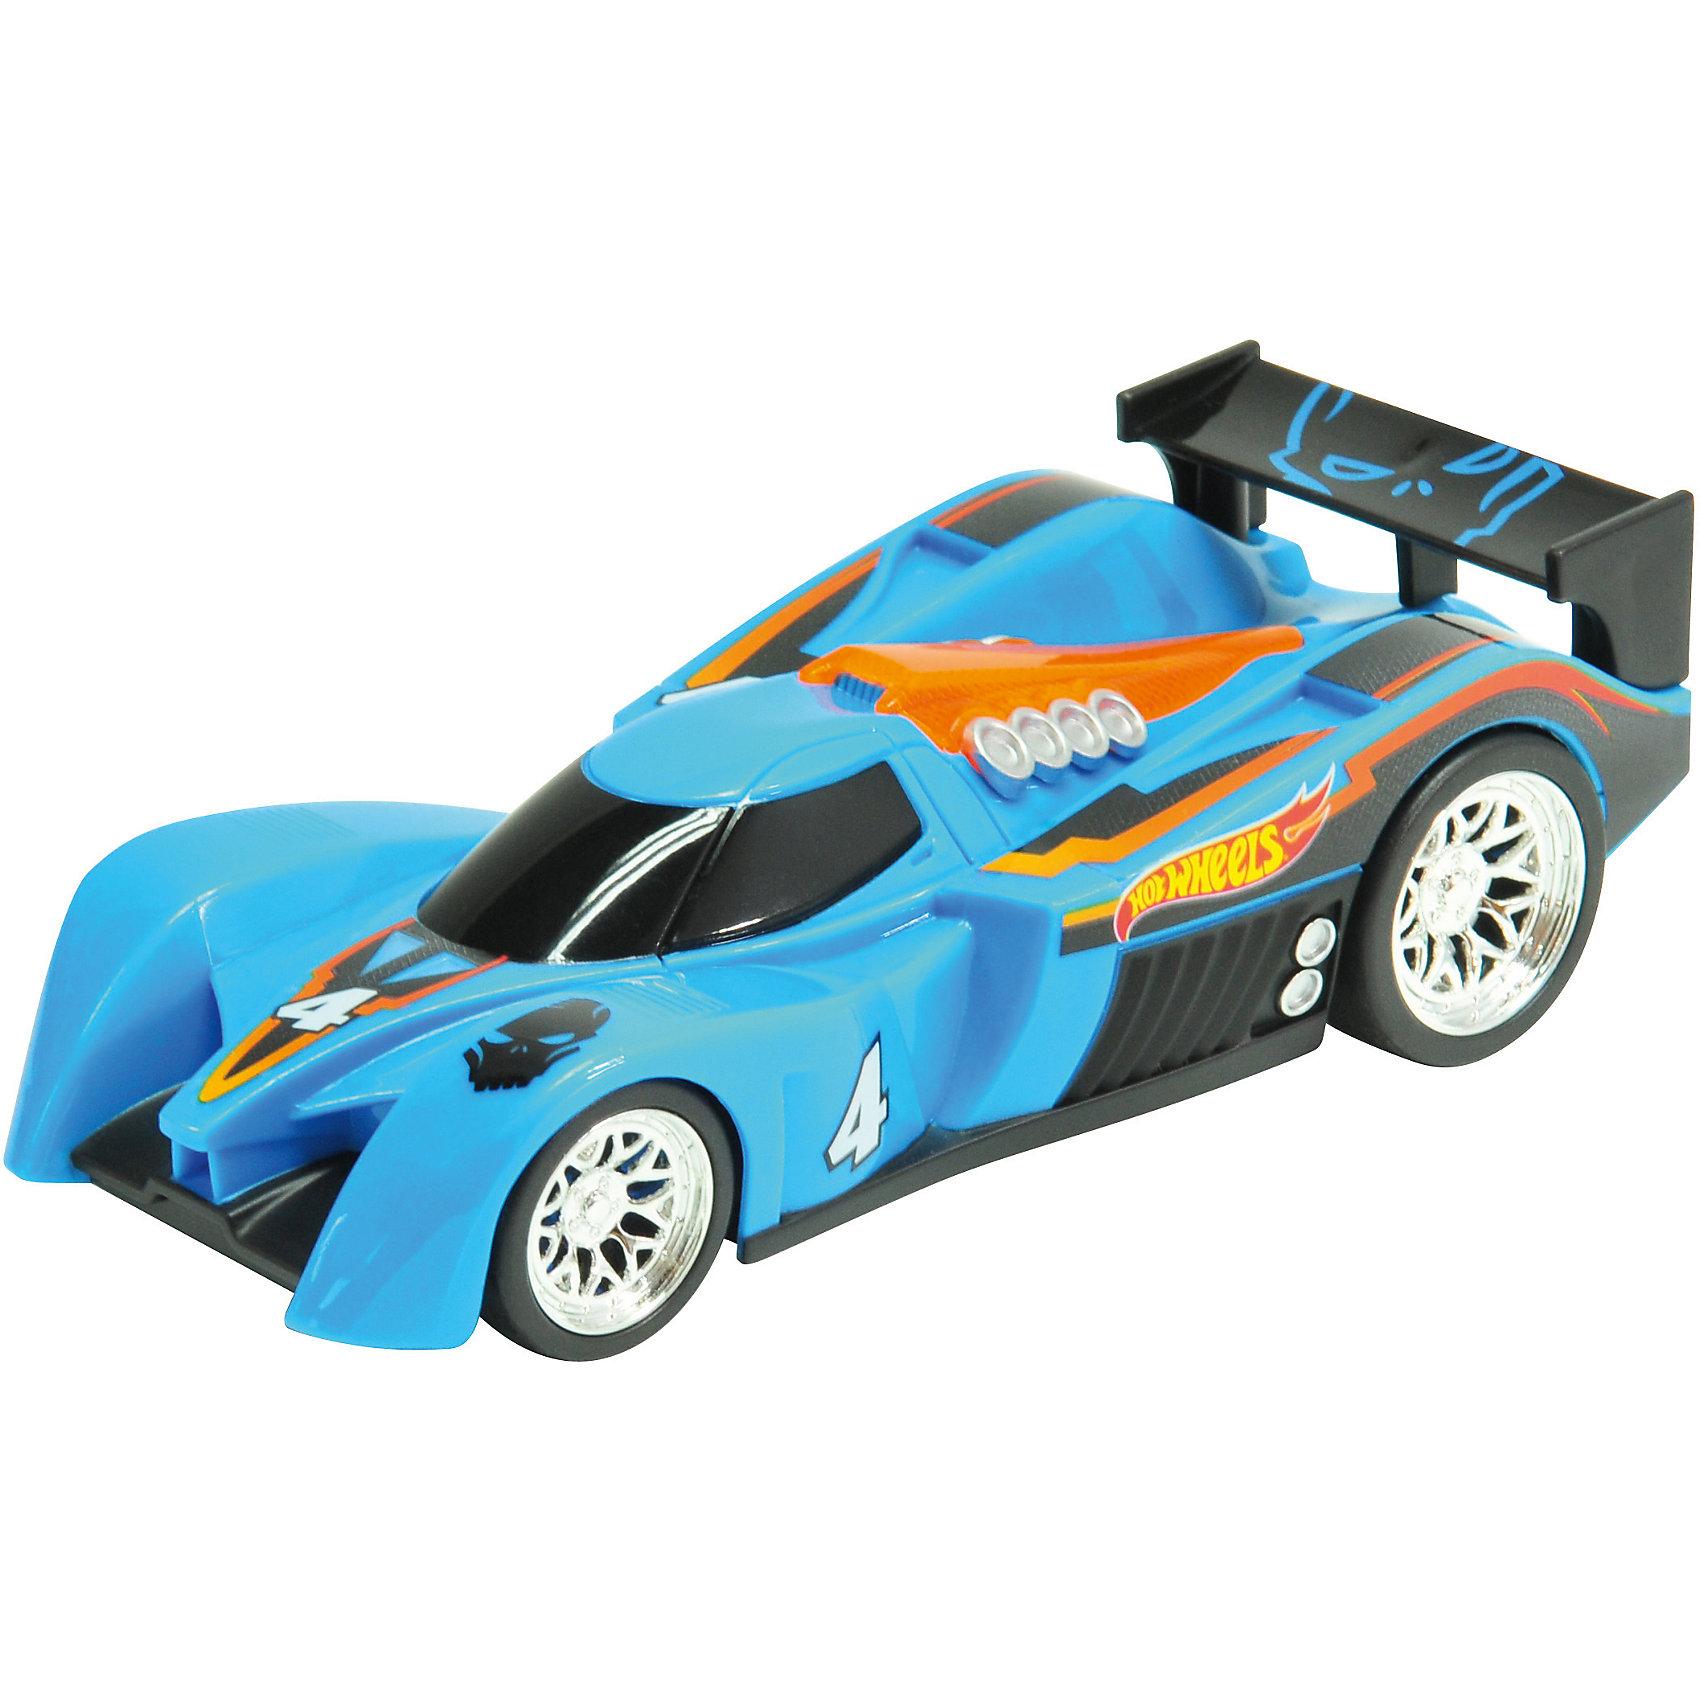 - Механическая машинка, синяя, 14 см, Hot Wheels электромеханическая машинка синяя 33 см hot wheels